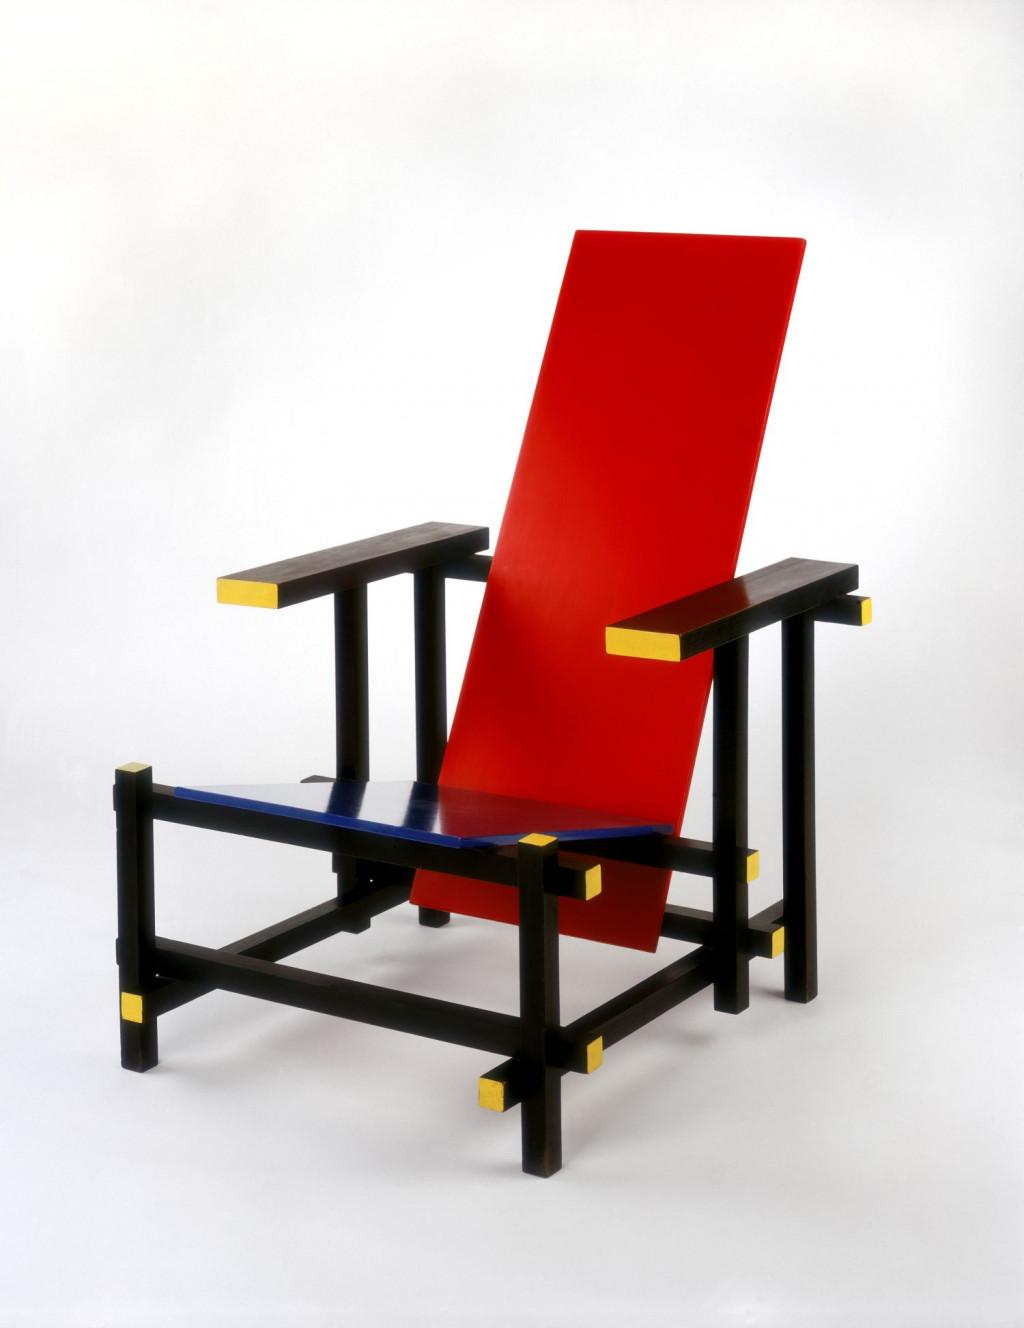 Fig. 5. Gerrit Rietveld, 'Rood-blauwe stoel', ontwerp 1919-1923, uitvoering ca. 1950 door G.A. van de Groenekan, Stedelijk Museum Amsterdam, KNA 1279, c/o Pictoright Amsterdam/Stedelijk Museum Amsterdam